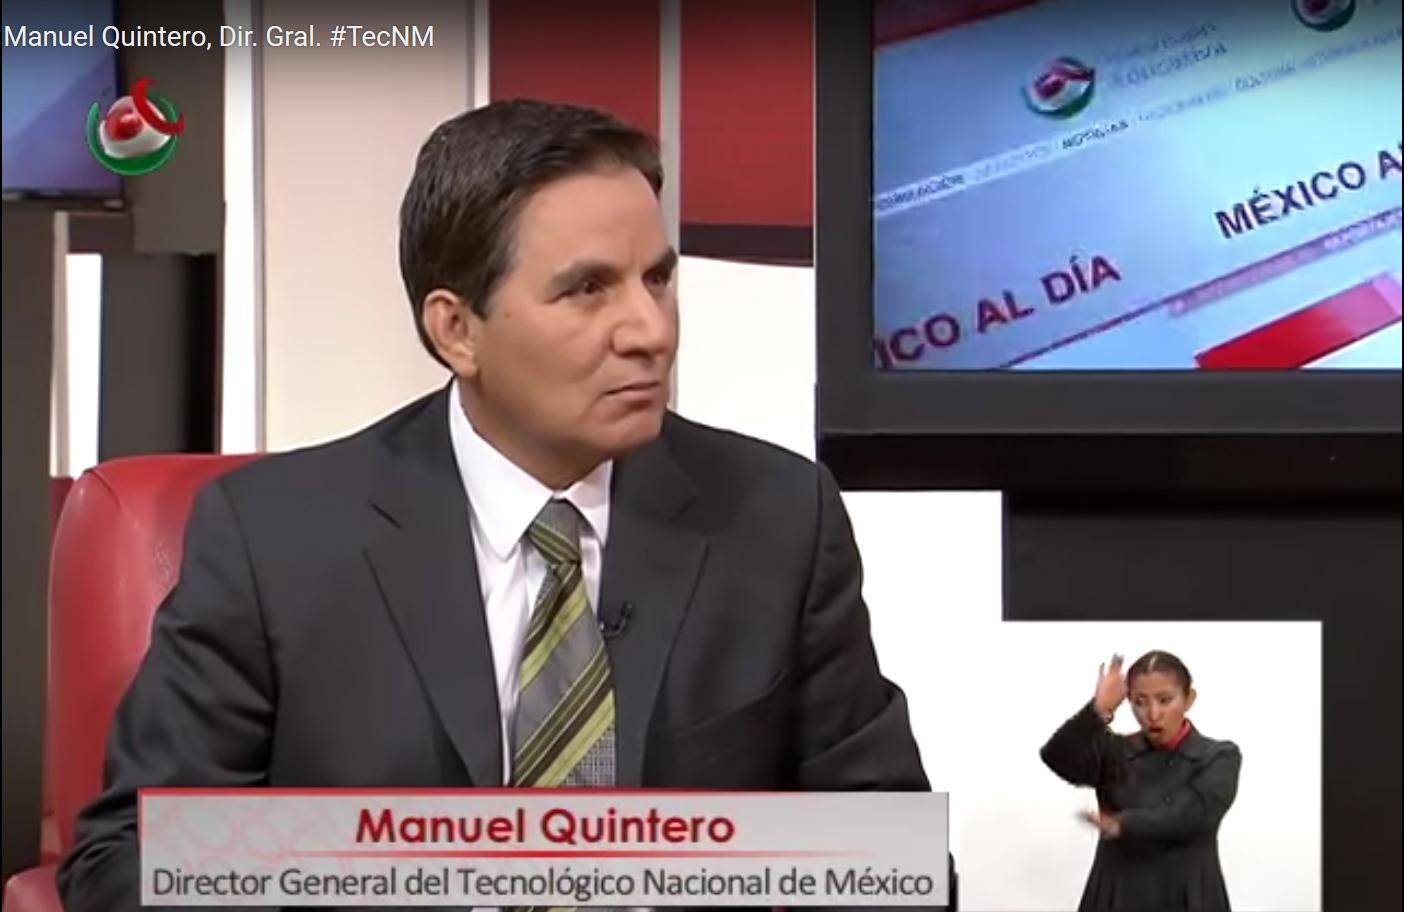 FOTO ENTREVISTA MANUEL QUINTERO